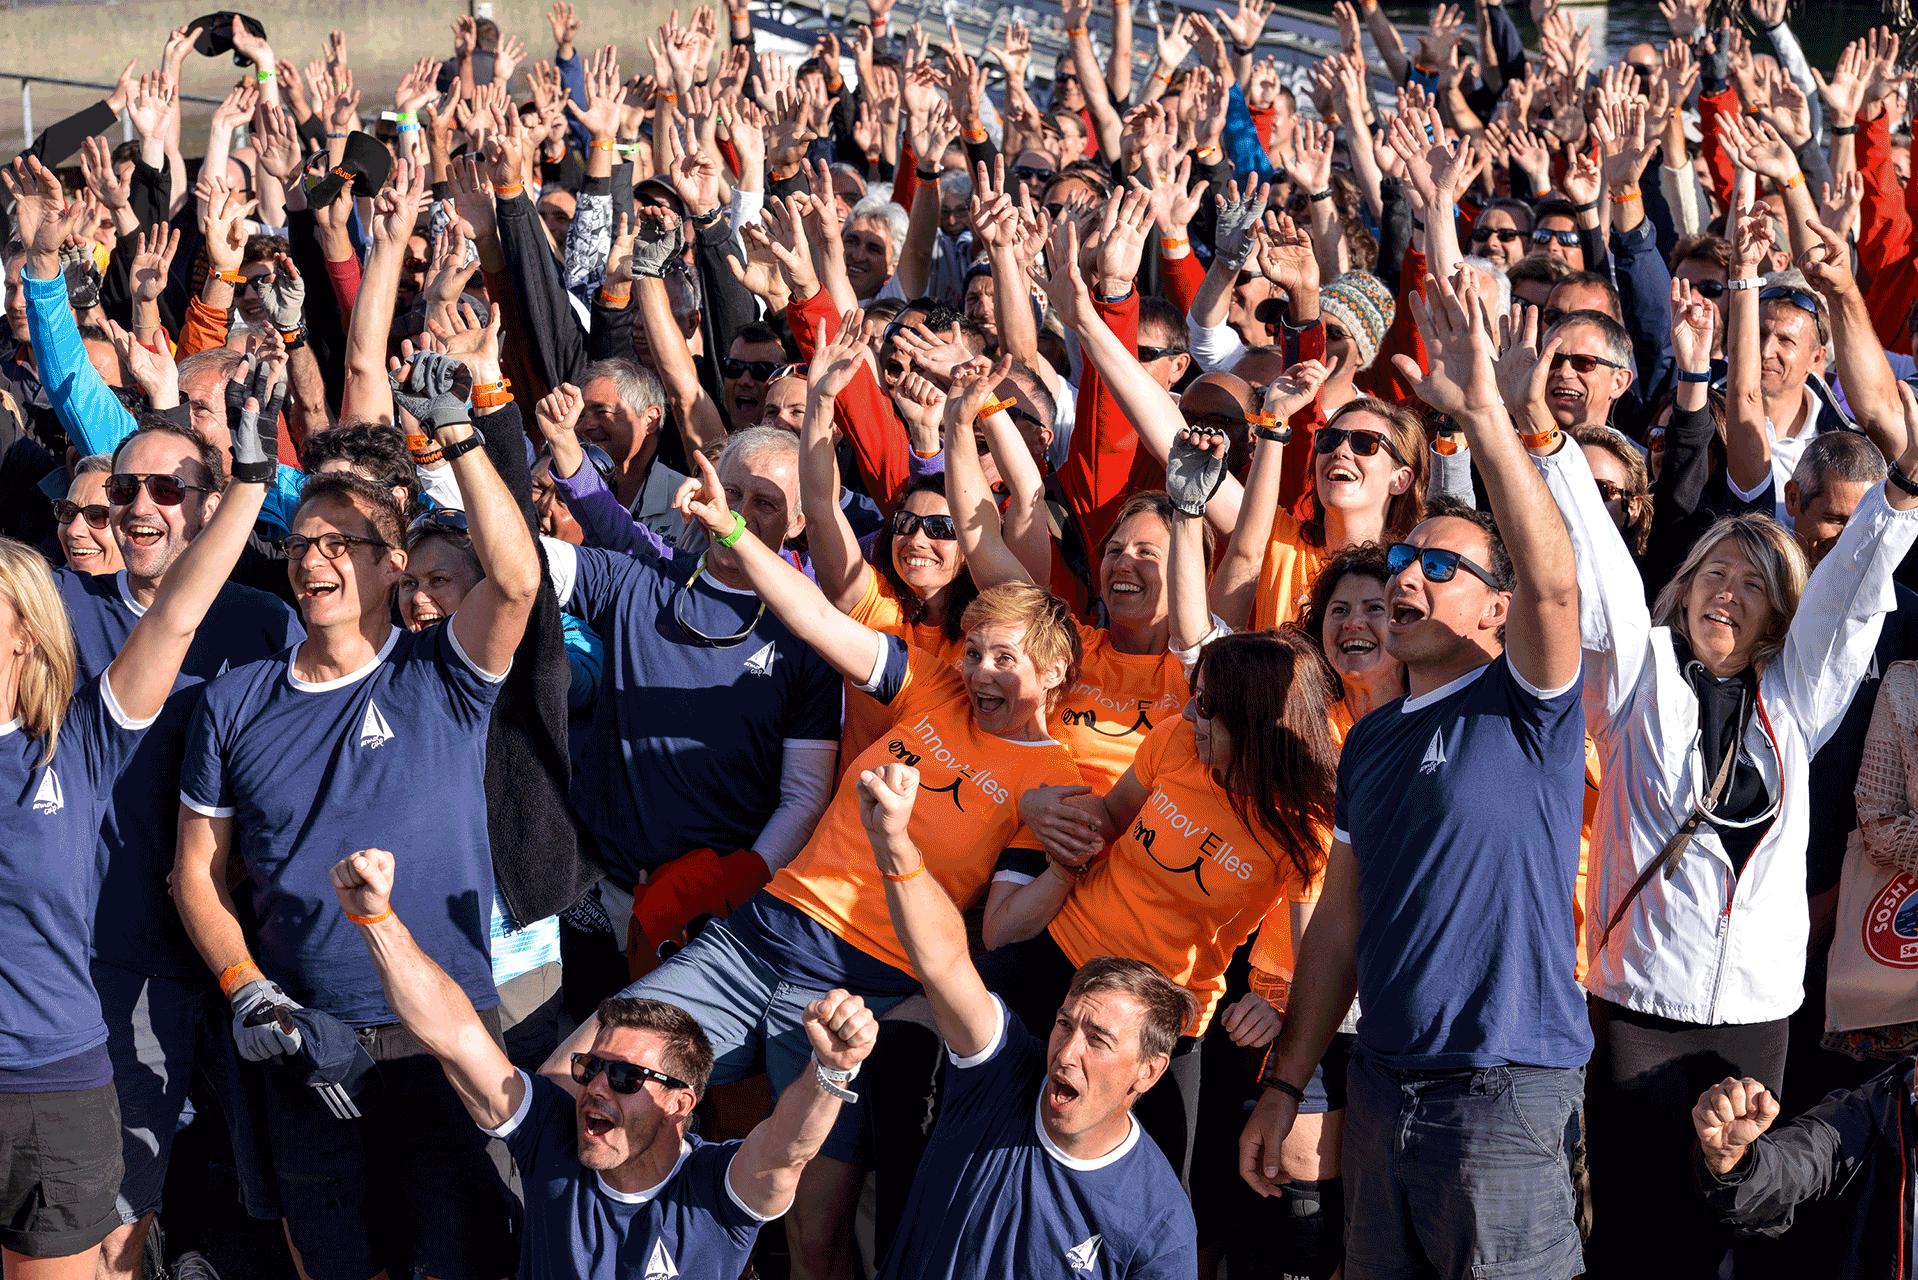 photographe-corporate-paris-armor-cup-orange